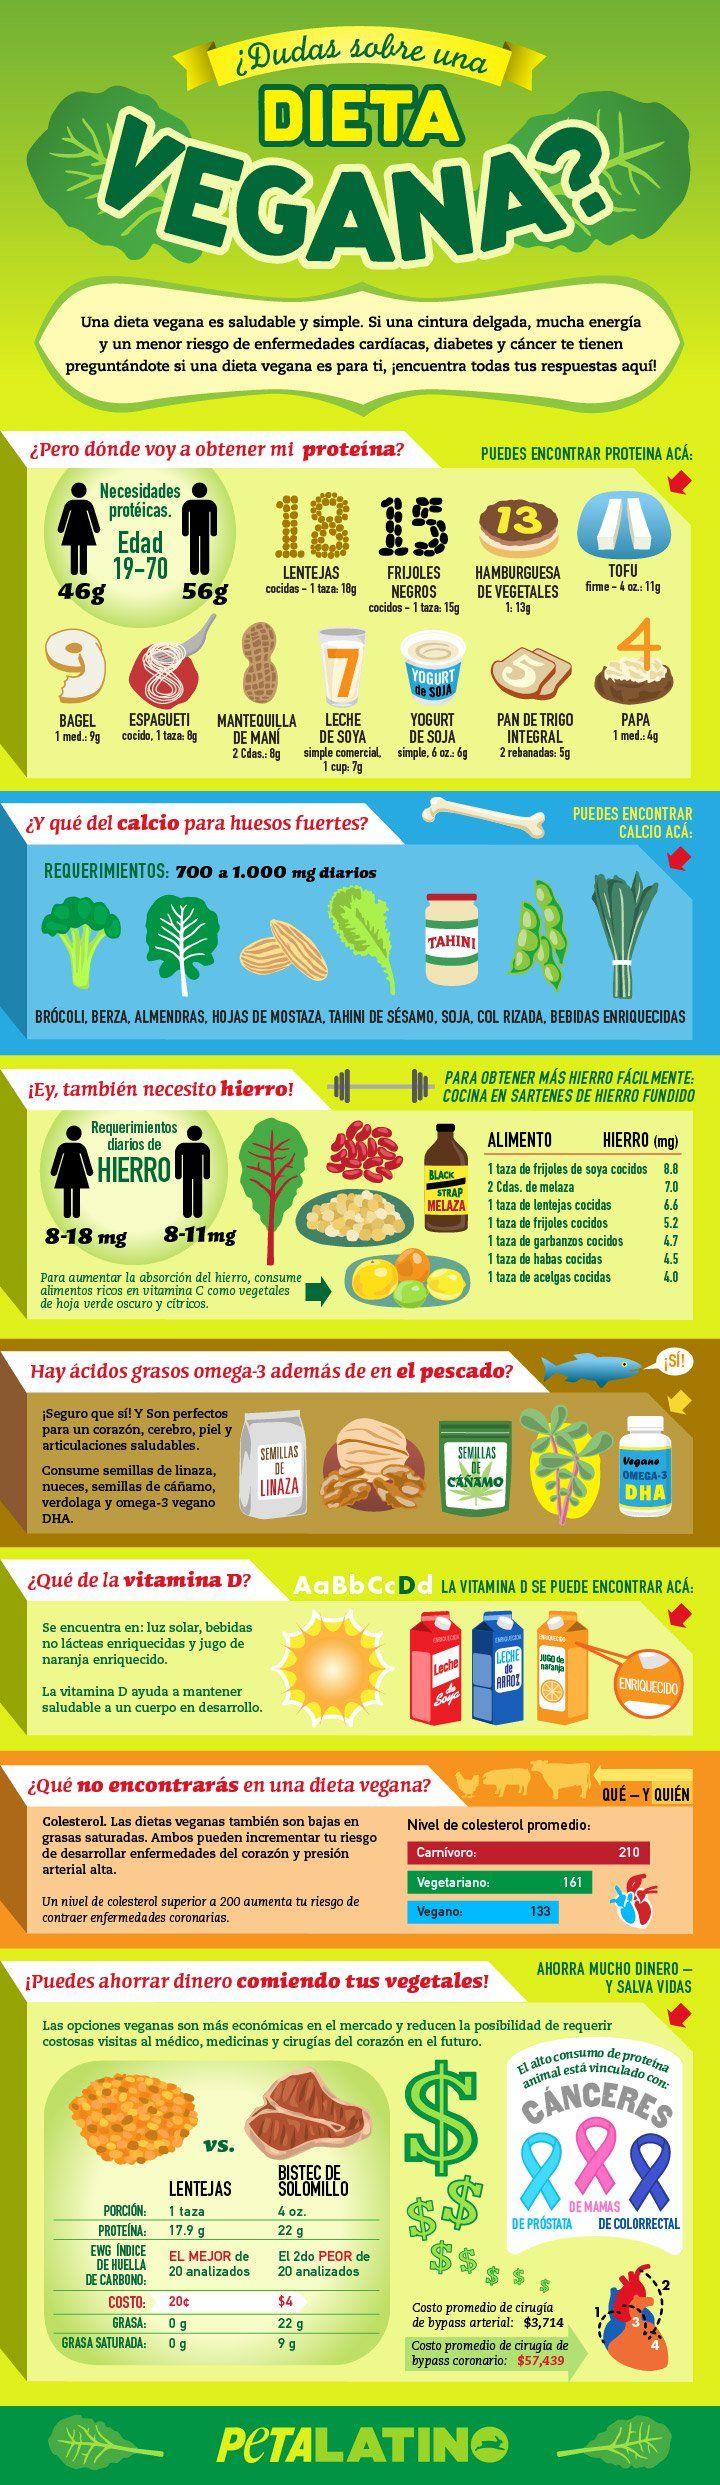 ¡Es fácil estar saludable y libre de crueldad! Echa un vistazo a nuestra infografía para descubrir los beneficios de comer sana y compasivamente.